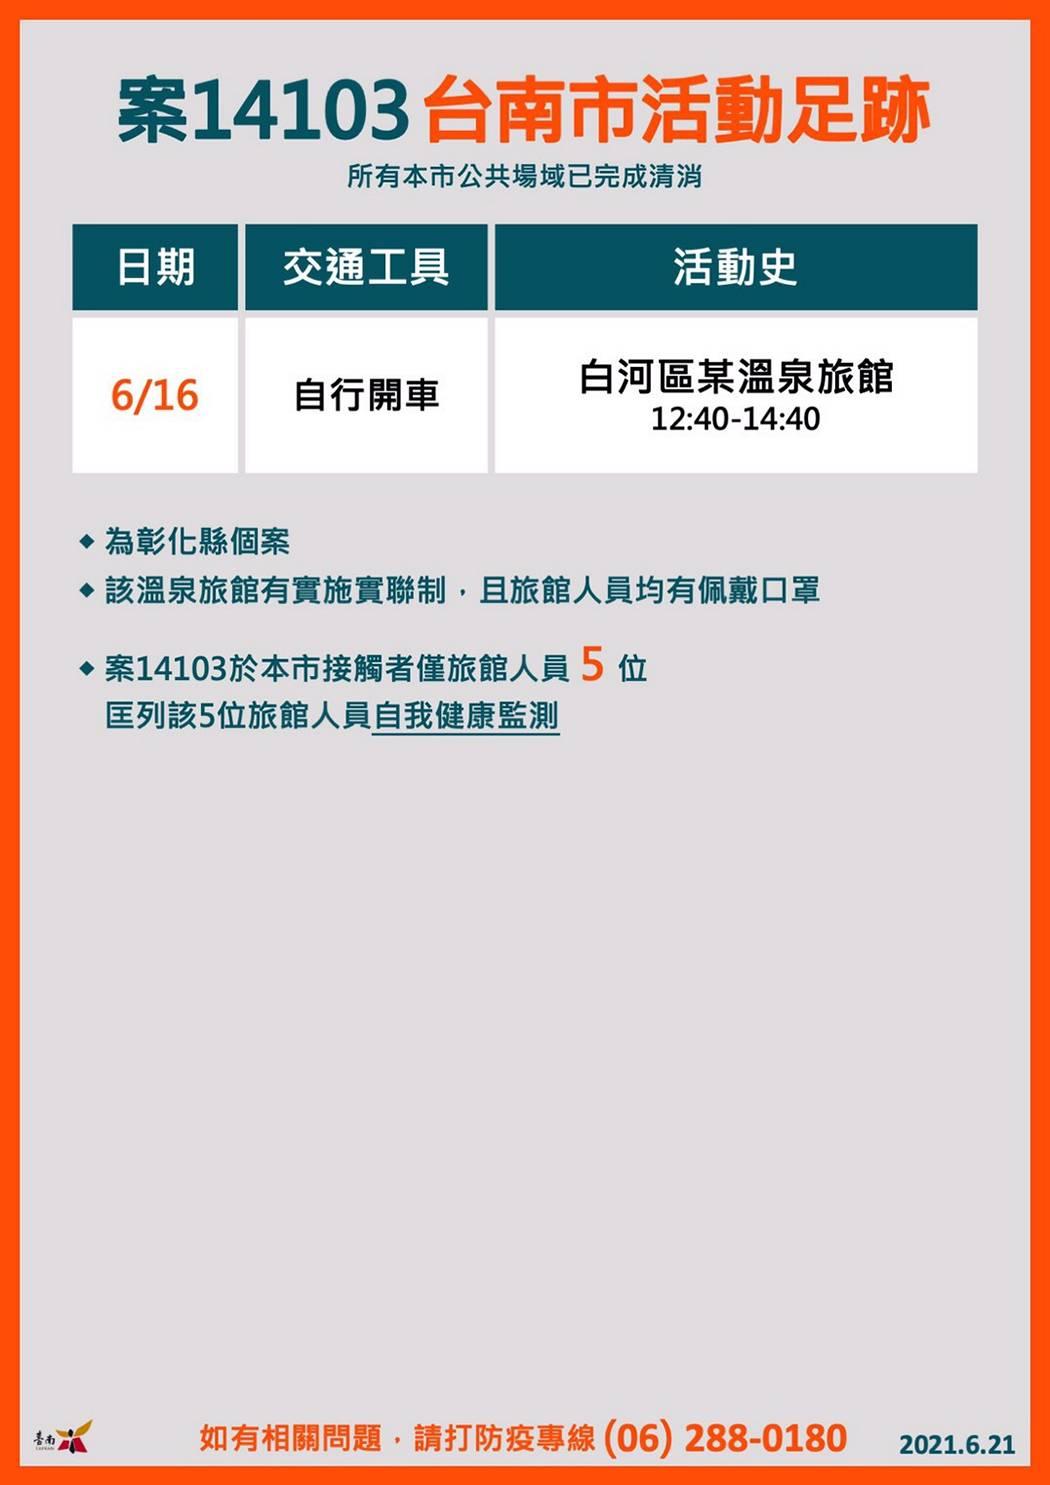 1100621案14103臺南市活動足跡